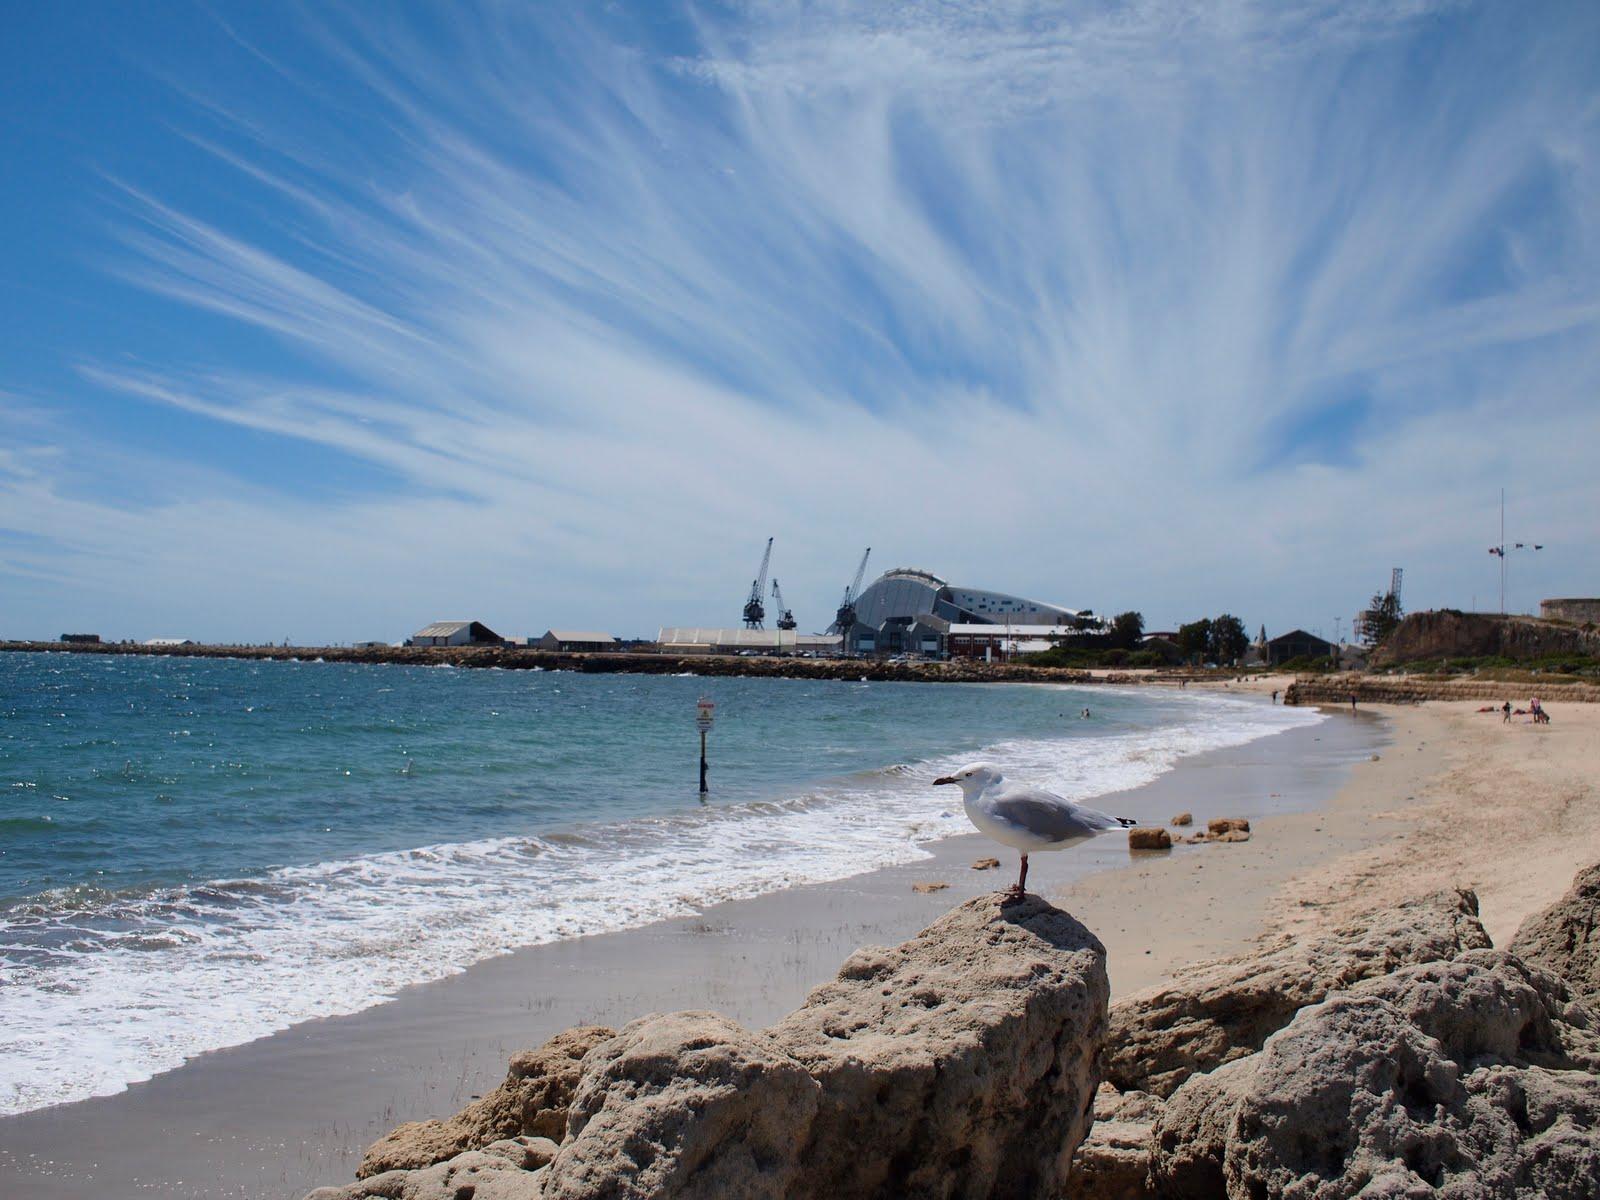 places australia western perth abdbyqk aaaaaaaaa